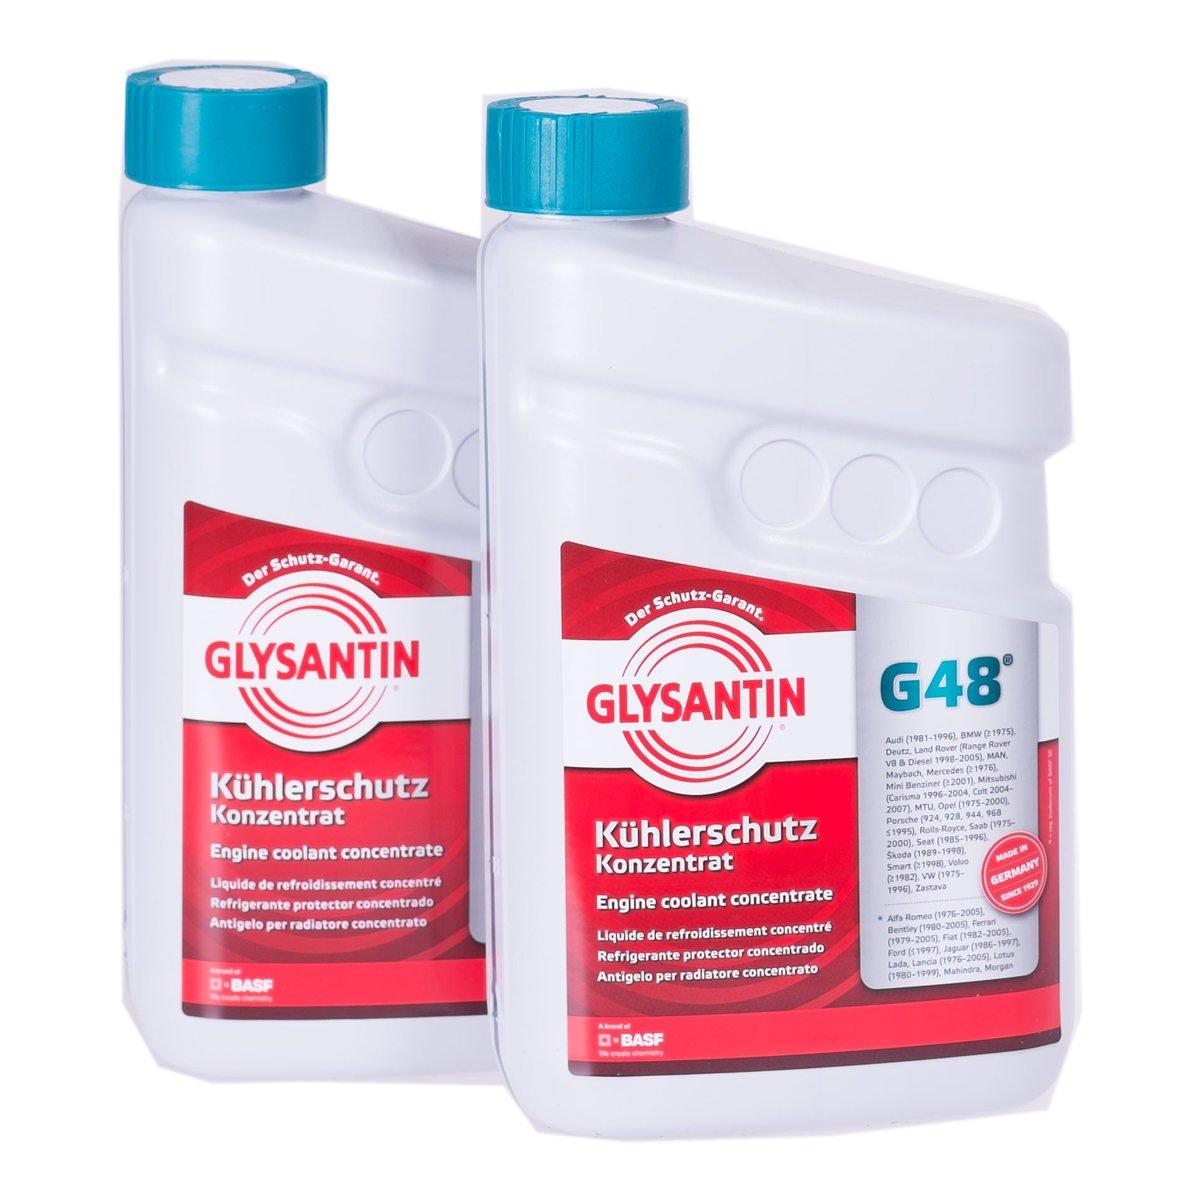 BASF Glysantin G48 - Refrigerante protector concentrado, 1,5 L, 2 unidades